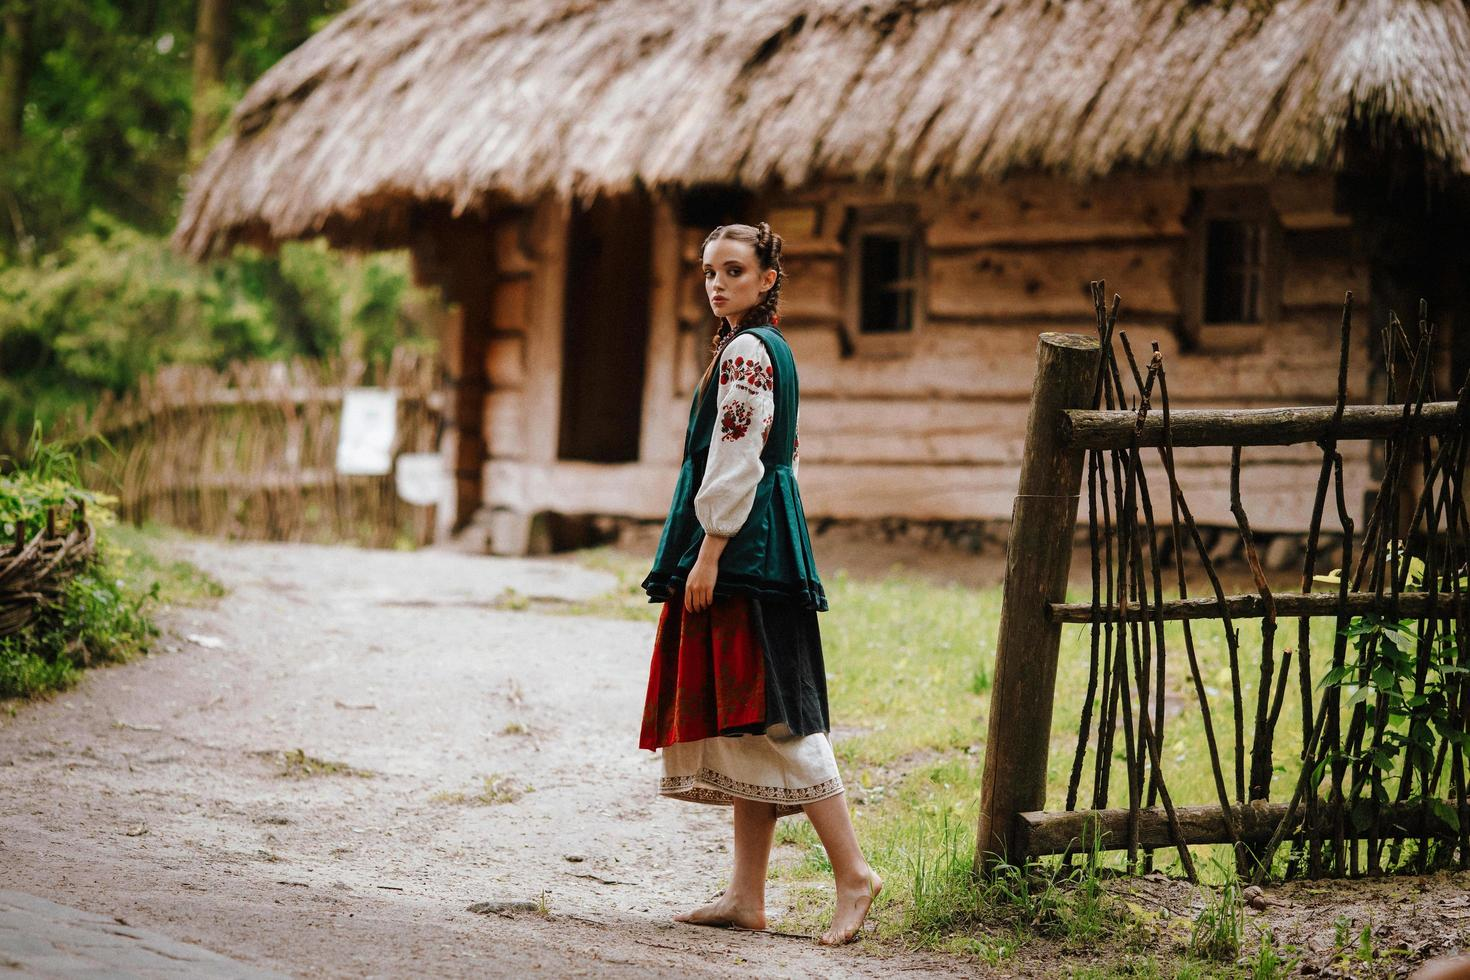 fille dans une robe brodée marchant dans la cour photo